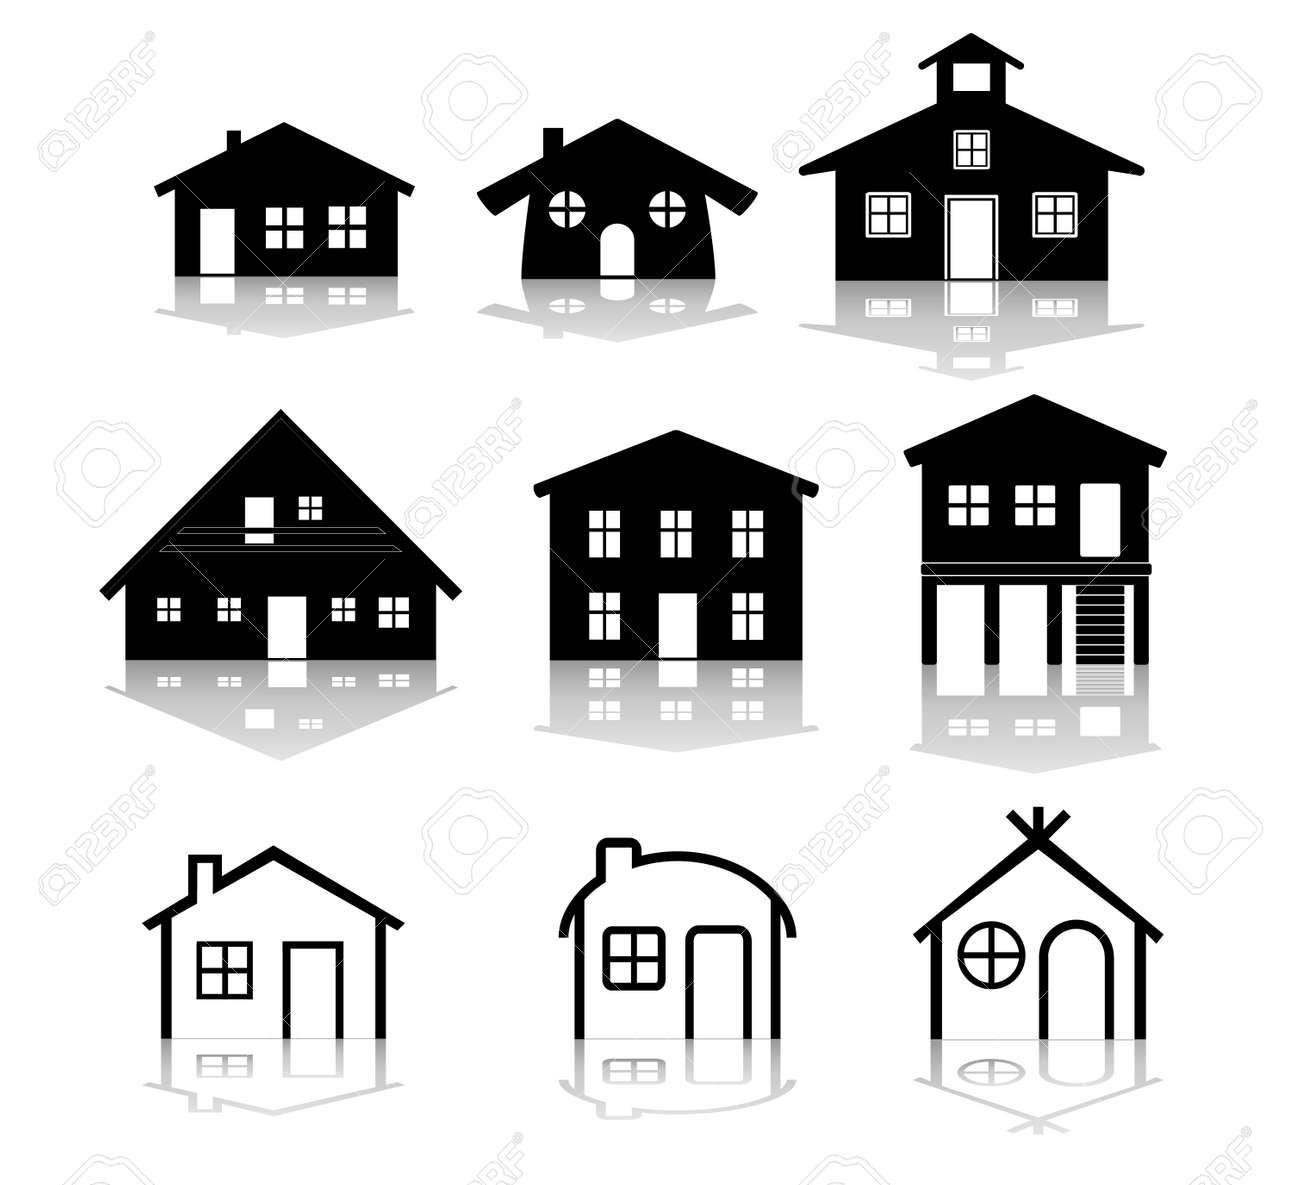 簡単な家のイラストのイラスト素材ベクタ Image 5188428